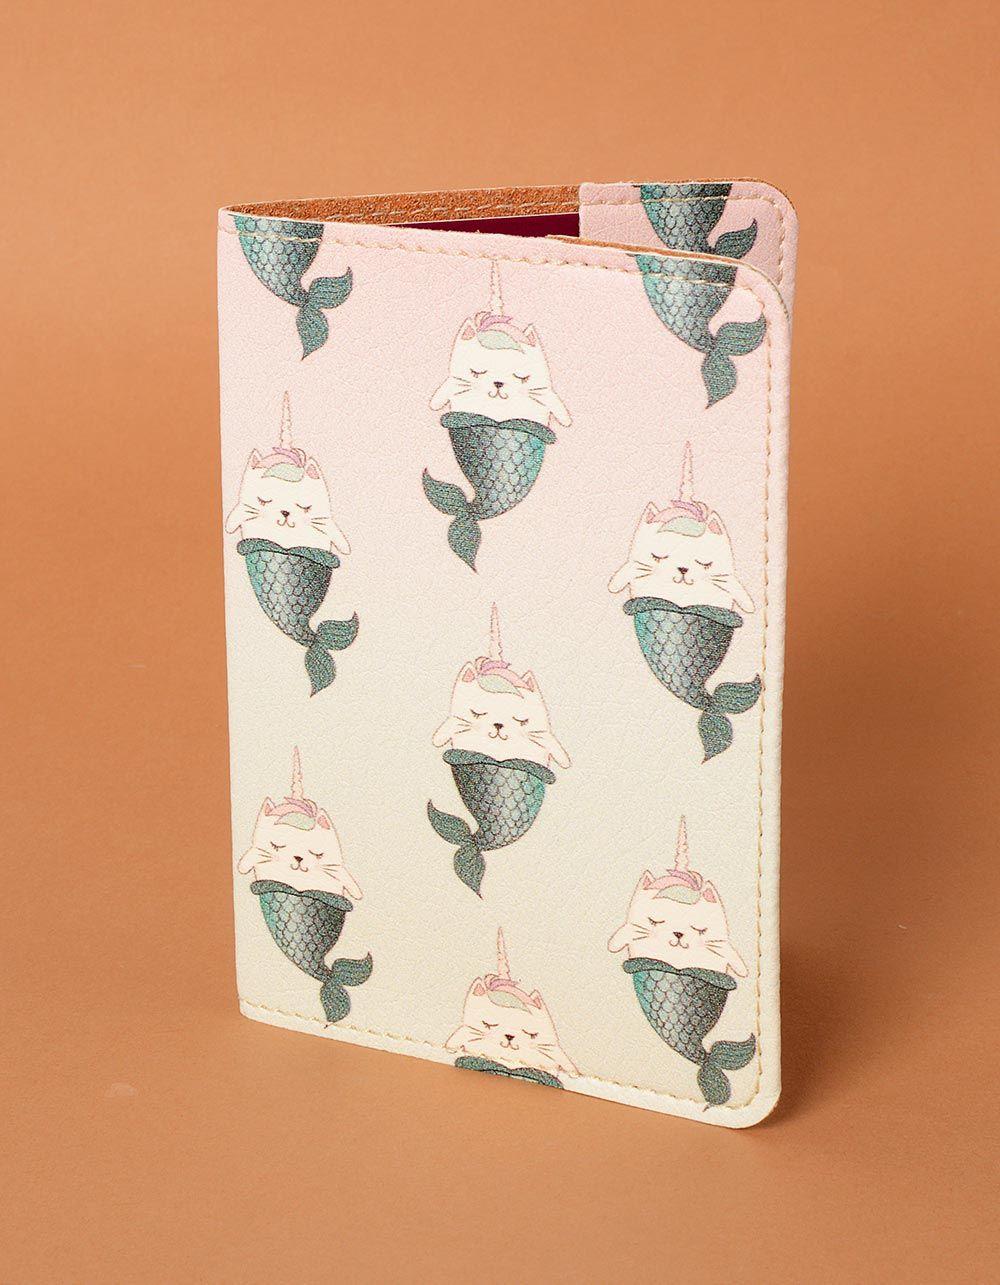 Обкладинка на паспорт з принтом кота єдинорога з хвостом русалки   235174-21-XX